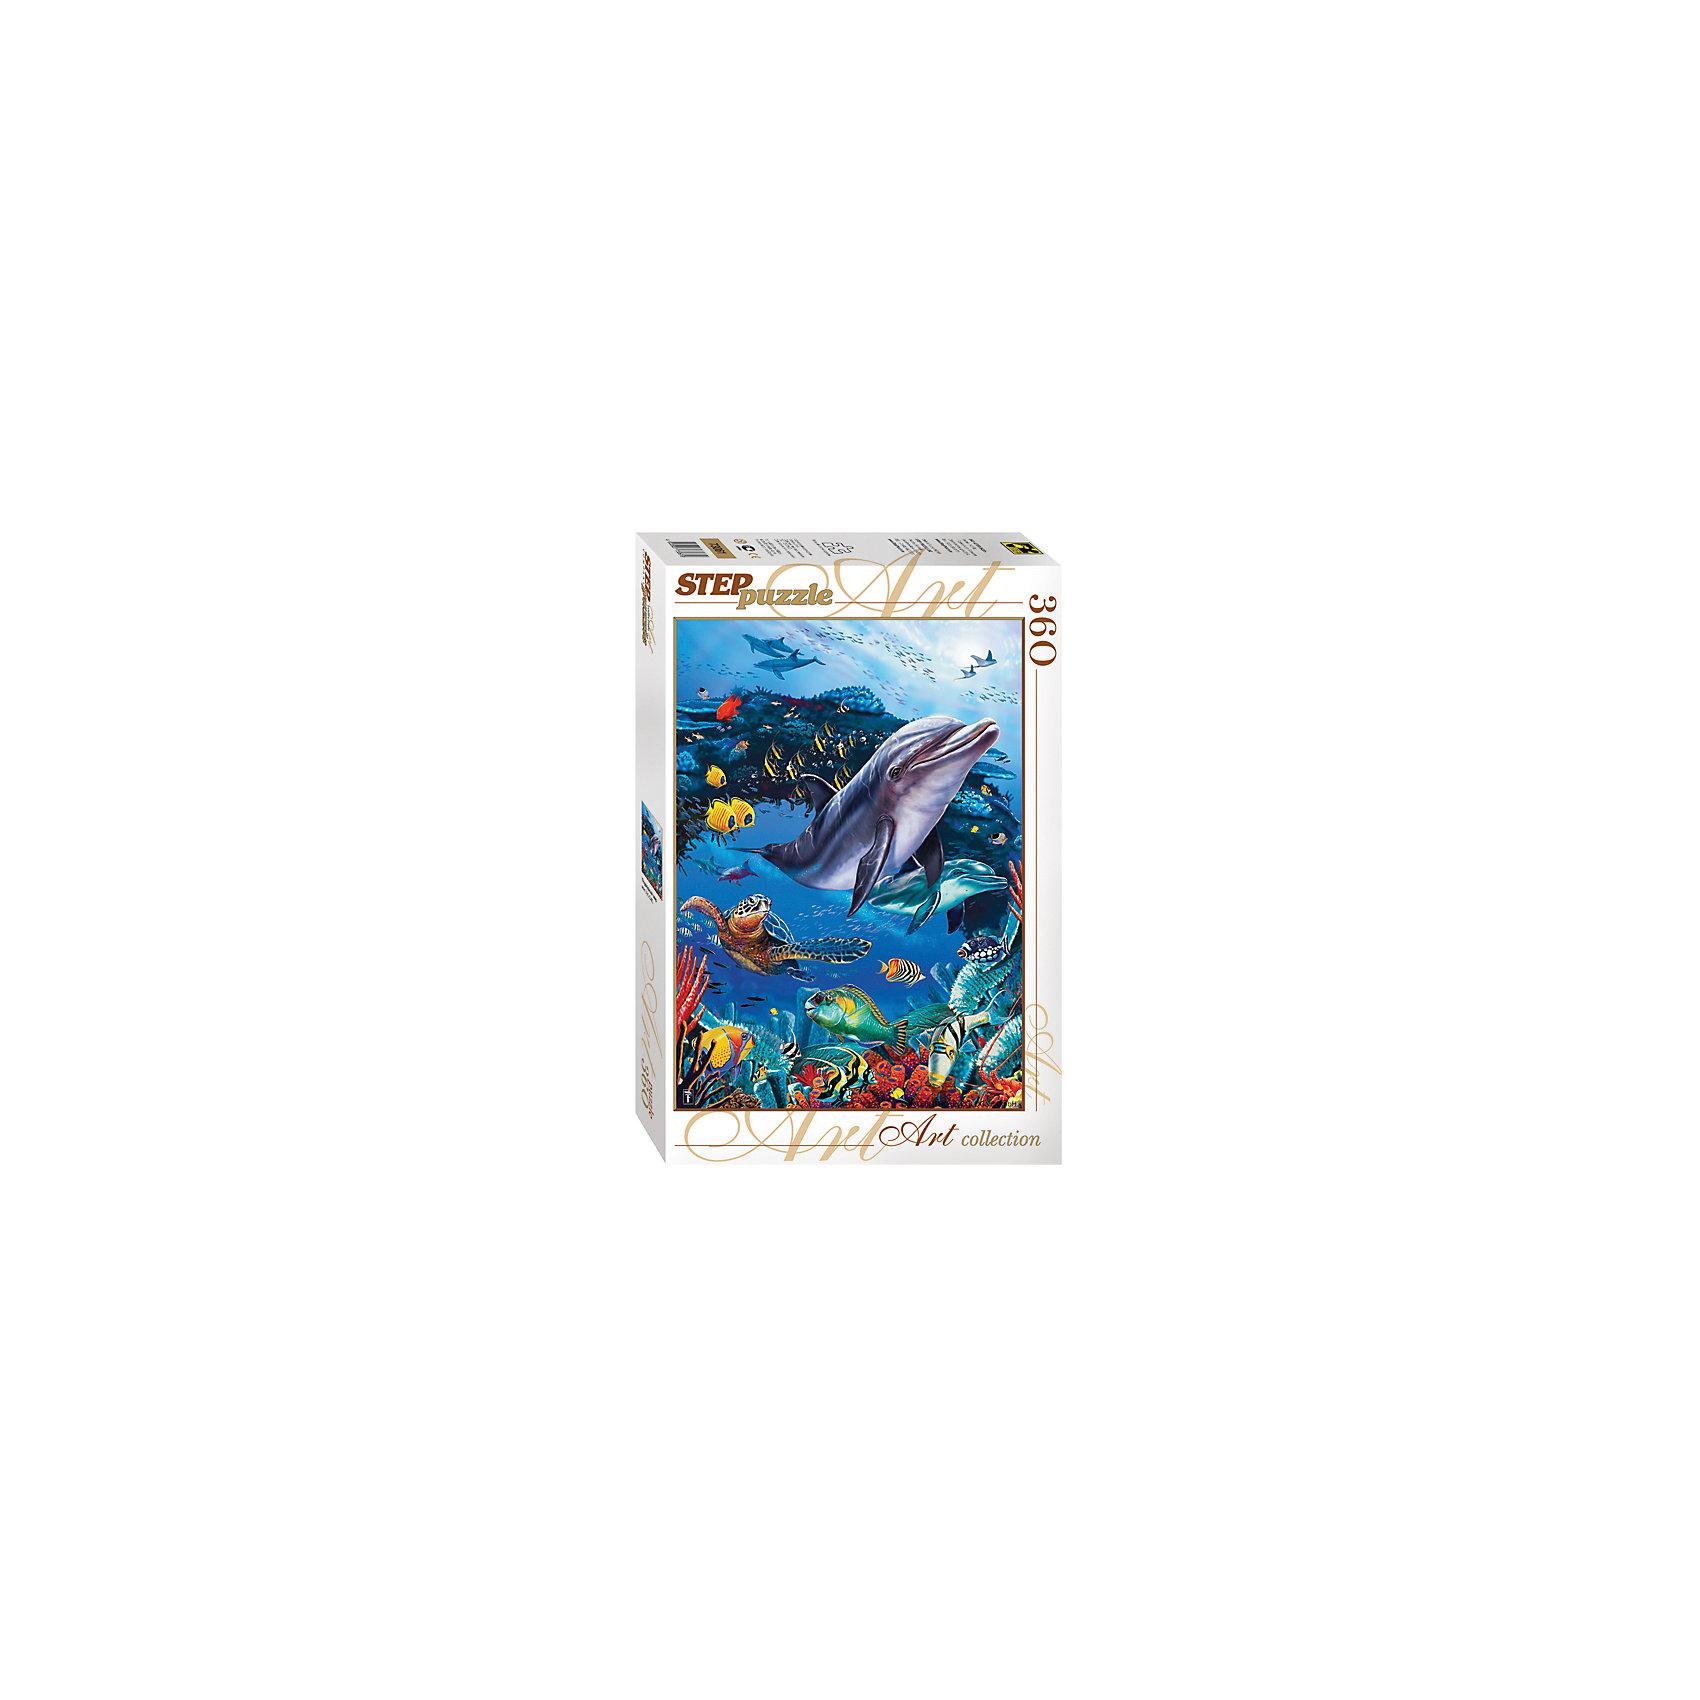 Пазл Подводный мир, 360 деталей, Step PuzzleПазл Подводный мир, 360 деталей, Step Puzzle (Степ Пазл) – это красочный пазл серии «Art collection».<br>Красочный Подводный мир от торговой марки Step Puzzle (Степ Пазл) станет прекрасным подарком, как для малышей, так и для взрослых. Все элементы изготовлены из прочного картона. Качественные фрагменты пазла отлично проклеены, не расслаиваются и идеально подходят один к другому, поэтому сборка пазла обеспечит только положительные эмоции. Собрав все детали, Вы получите яркую картинку с изображением милых обитателей подводного мира. Занятия с пазлом поспособствуют развитию множества полезных навыков, таких как мелкая моторика рук, пространственное мышление, память и наблюдательность.<br><br>Дополнительная информация:<br><br>- Количество деталей: 360<br>- Материал: картон<br>- Размер собранной картины: 34,5х50 см.<br>- Отличная проклейка<br>- Детали идеально подходят друг другу<br>- Упаковка: картонная коробка<br>- Размер упаковки: 335x40x215 мм.<br>- Вес: 400 гр.<br><br>Пазл Подводный мир, 360 деталей, Step Puzzle (Степ Пазл) можно купить в нашем интернет-магазине.<br><br>Ширина мм: 335<br>Глубина мм: 40<br>Высота мм: 215<br>Вес г: 400<br>Возраст от месяцев: 84<br>Возраст до месяцев: 192<br>Пол: Унисекс<br>Возраст: Детский<br>Количество деталей: 360<br>SKU: 4588296